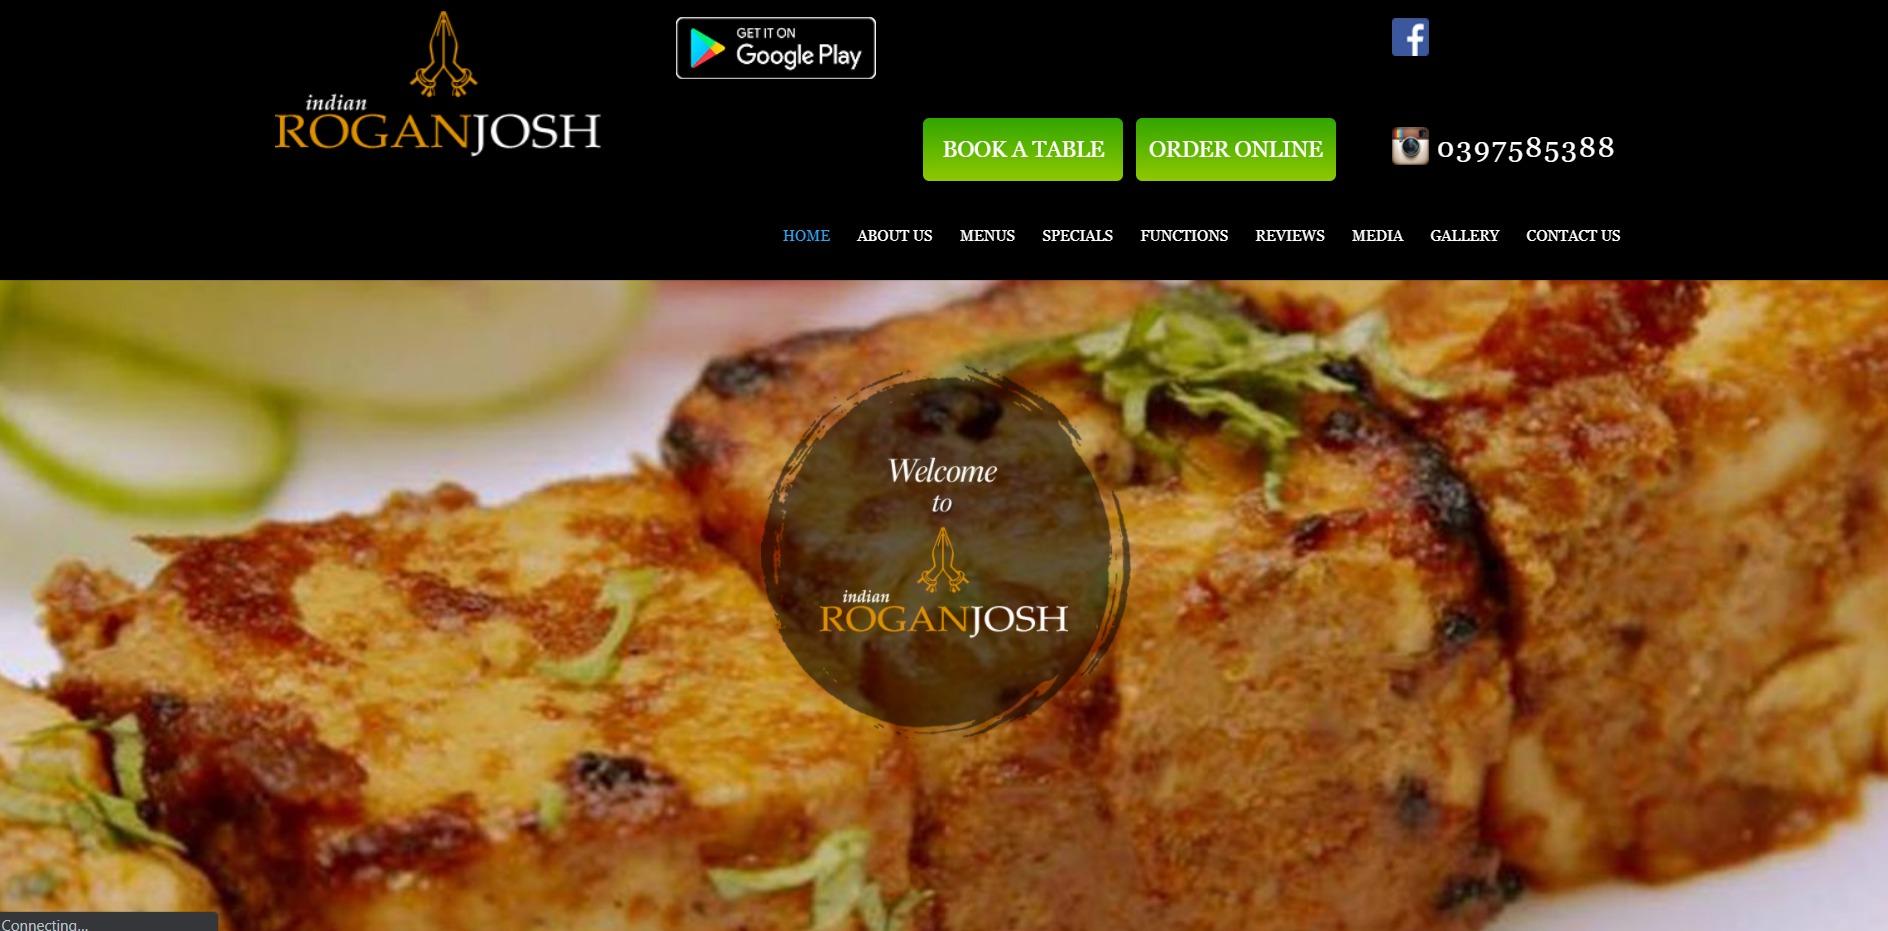 Indian Rogan Josh